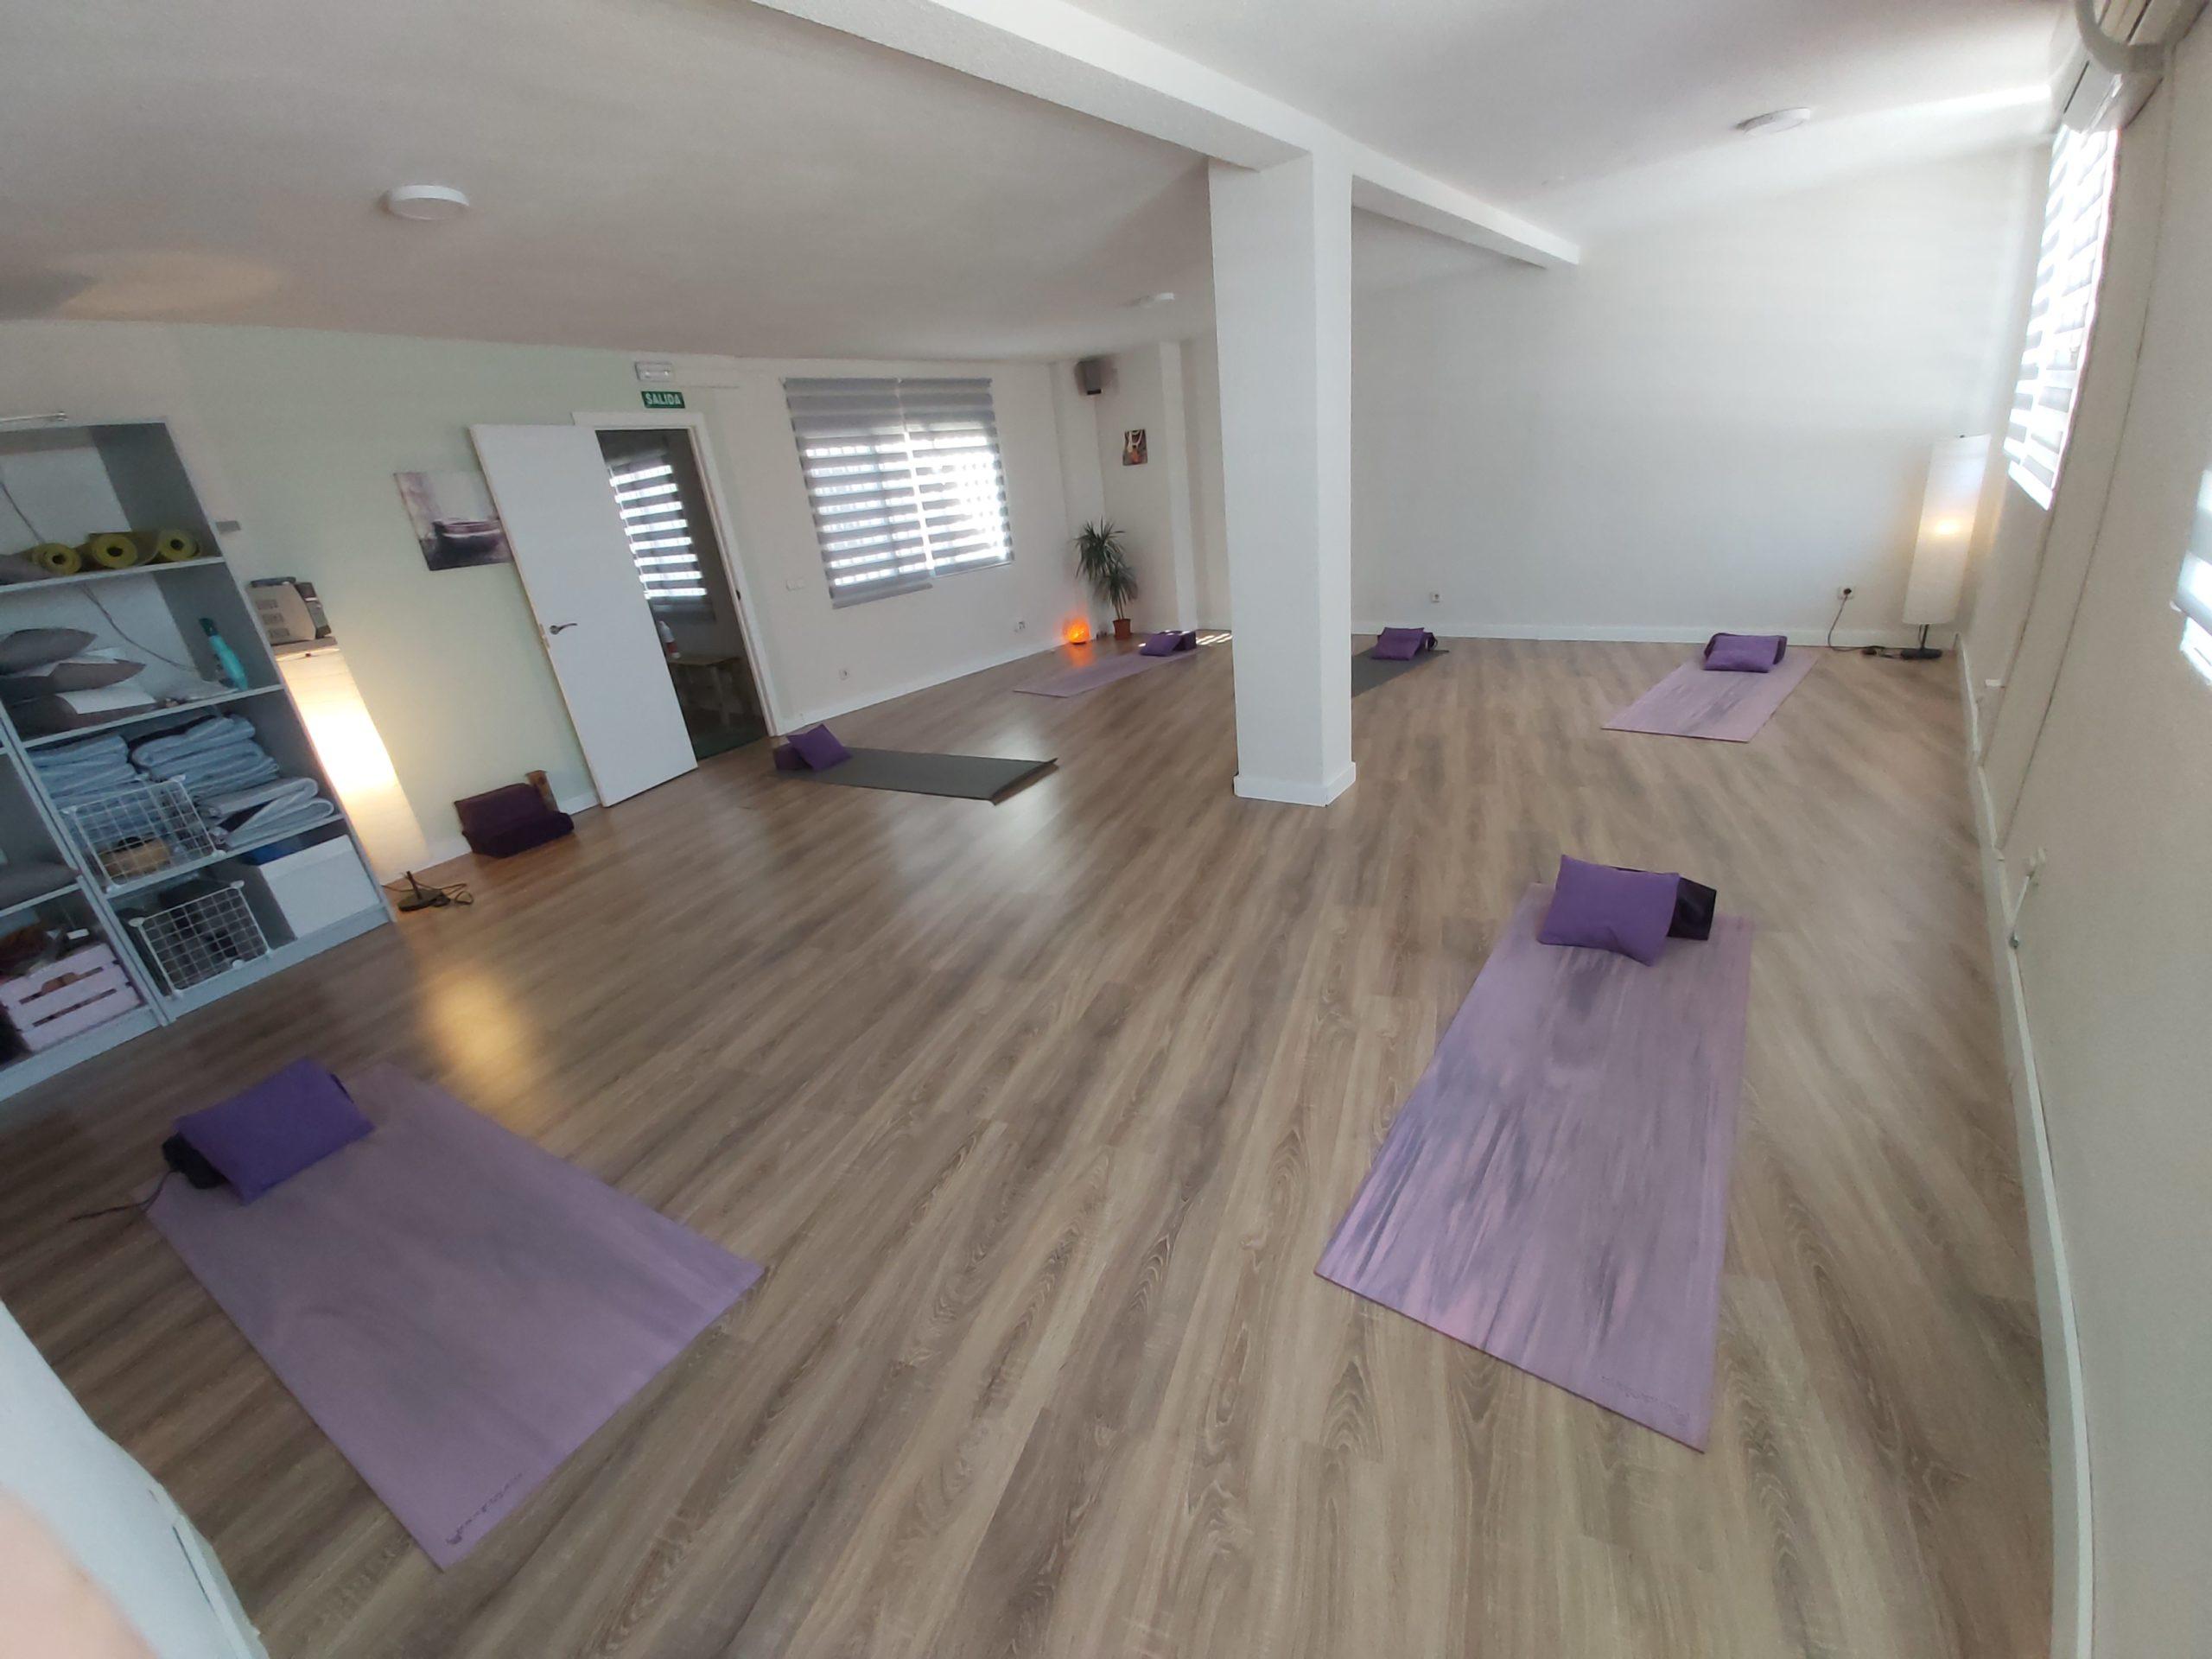 clases-de-yoga-respira-yoga-alquiler-de-salas